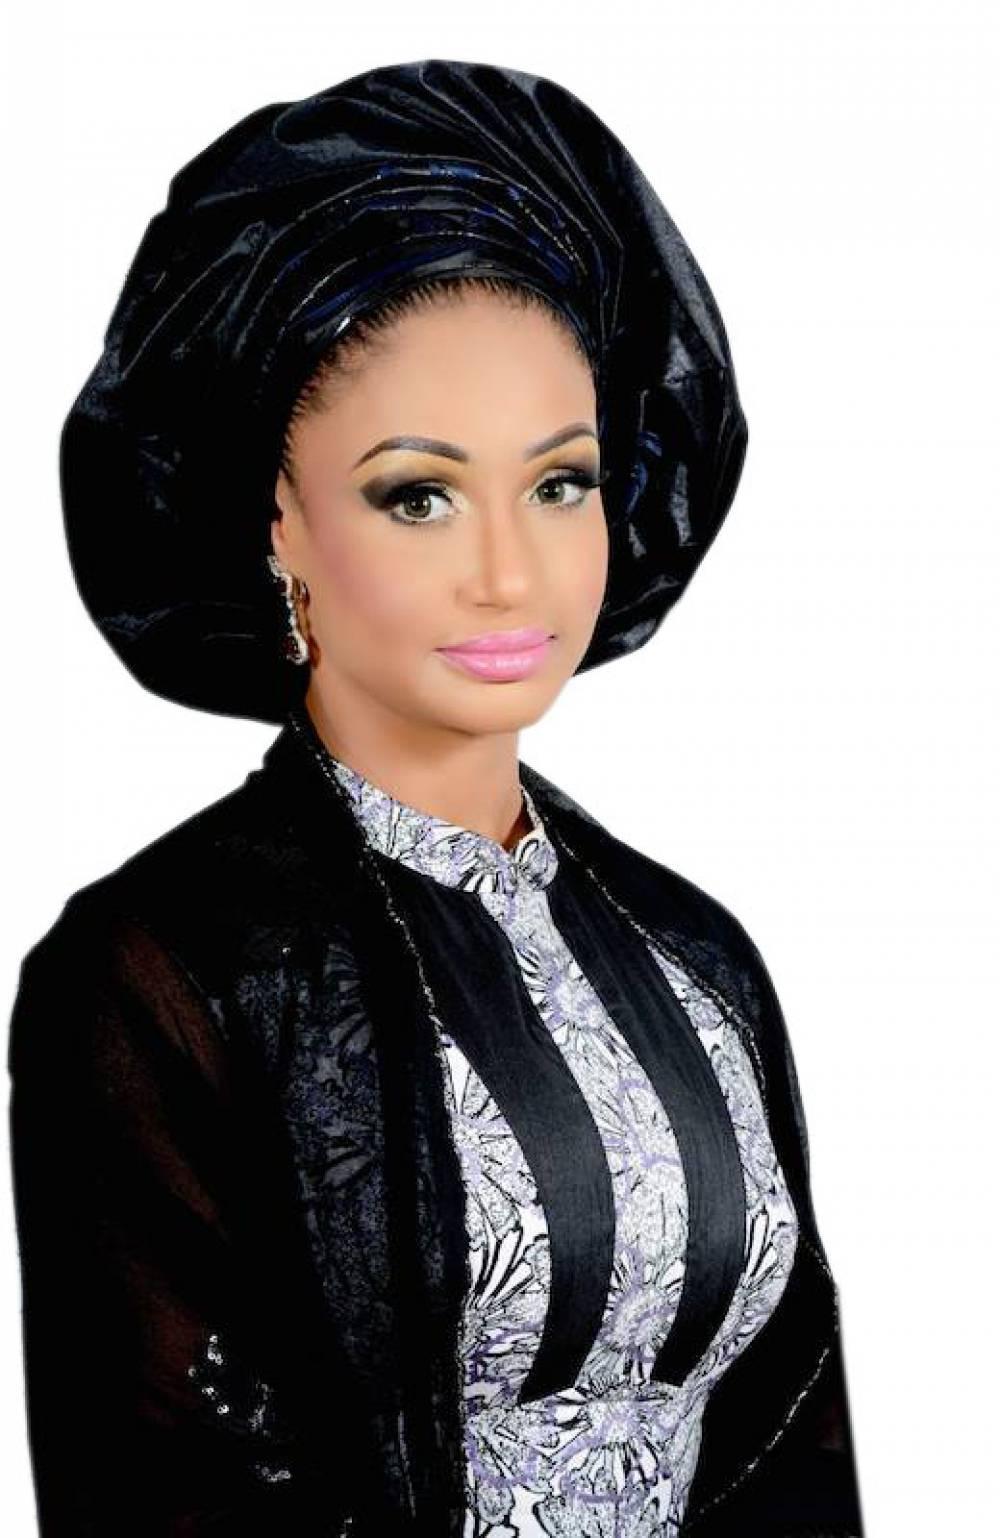 Princess Modupe Ozolua